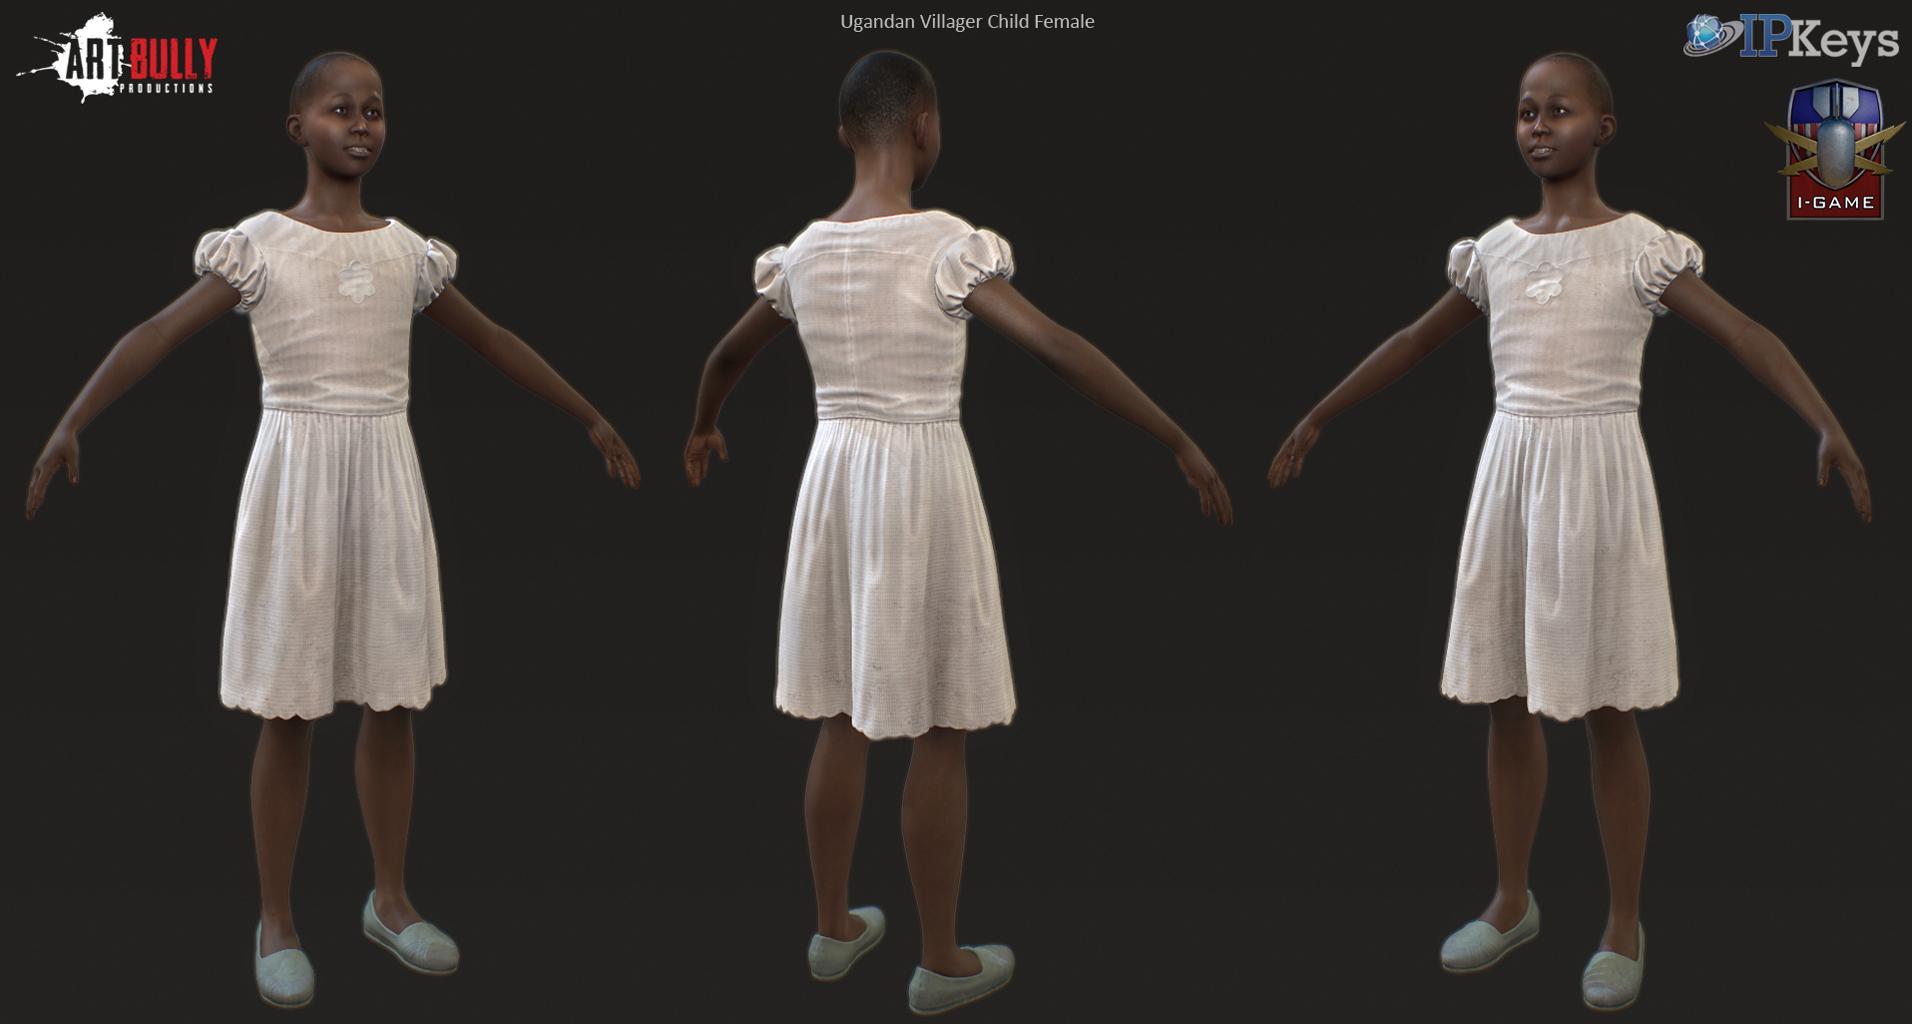 Ugandan_Villager_Child_Female.jpg